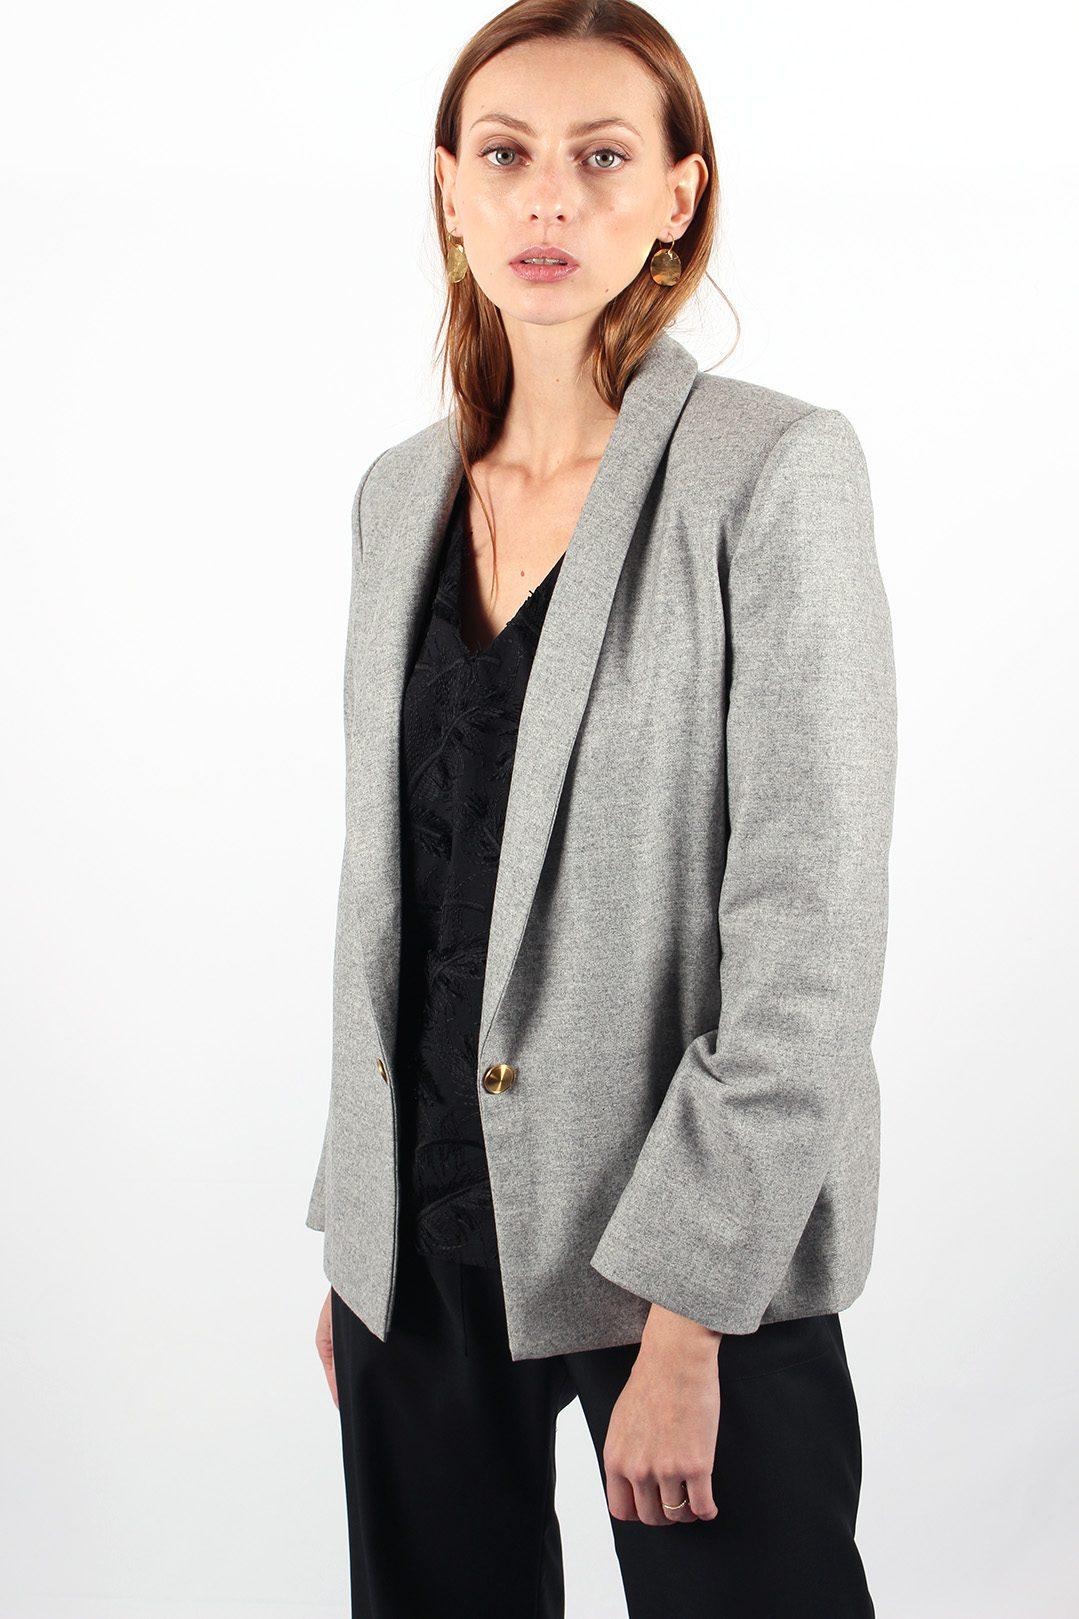 Veste de tailleur grise en laine flanelle Marie anne